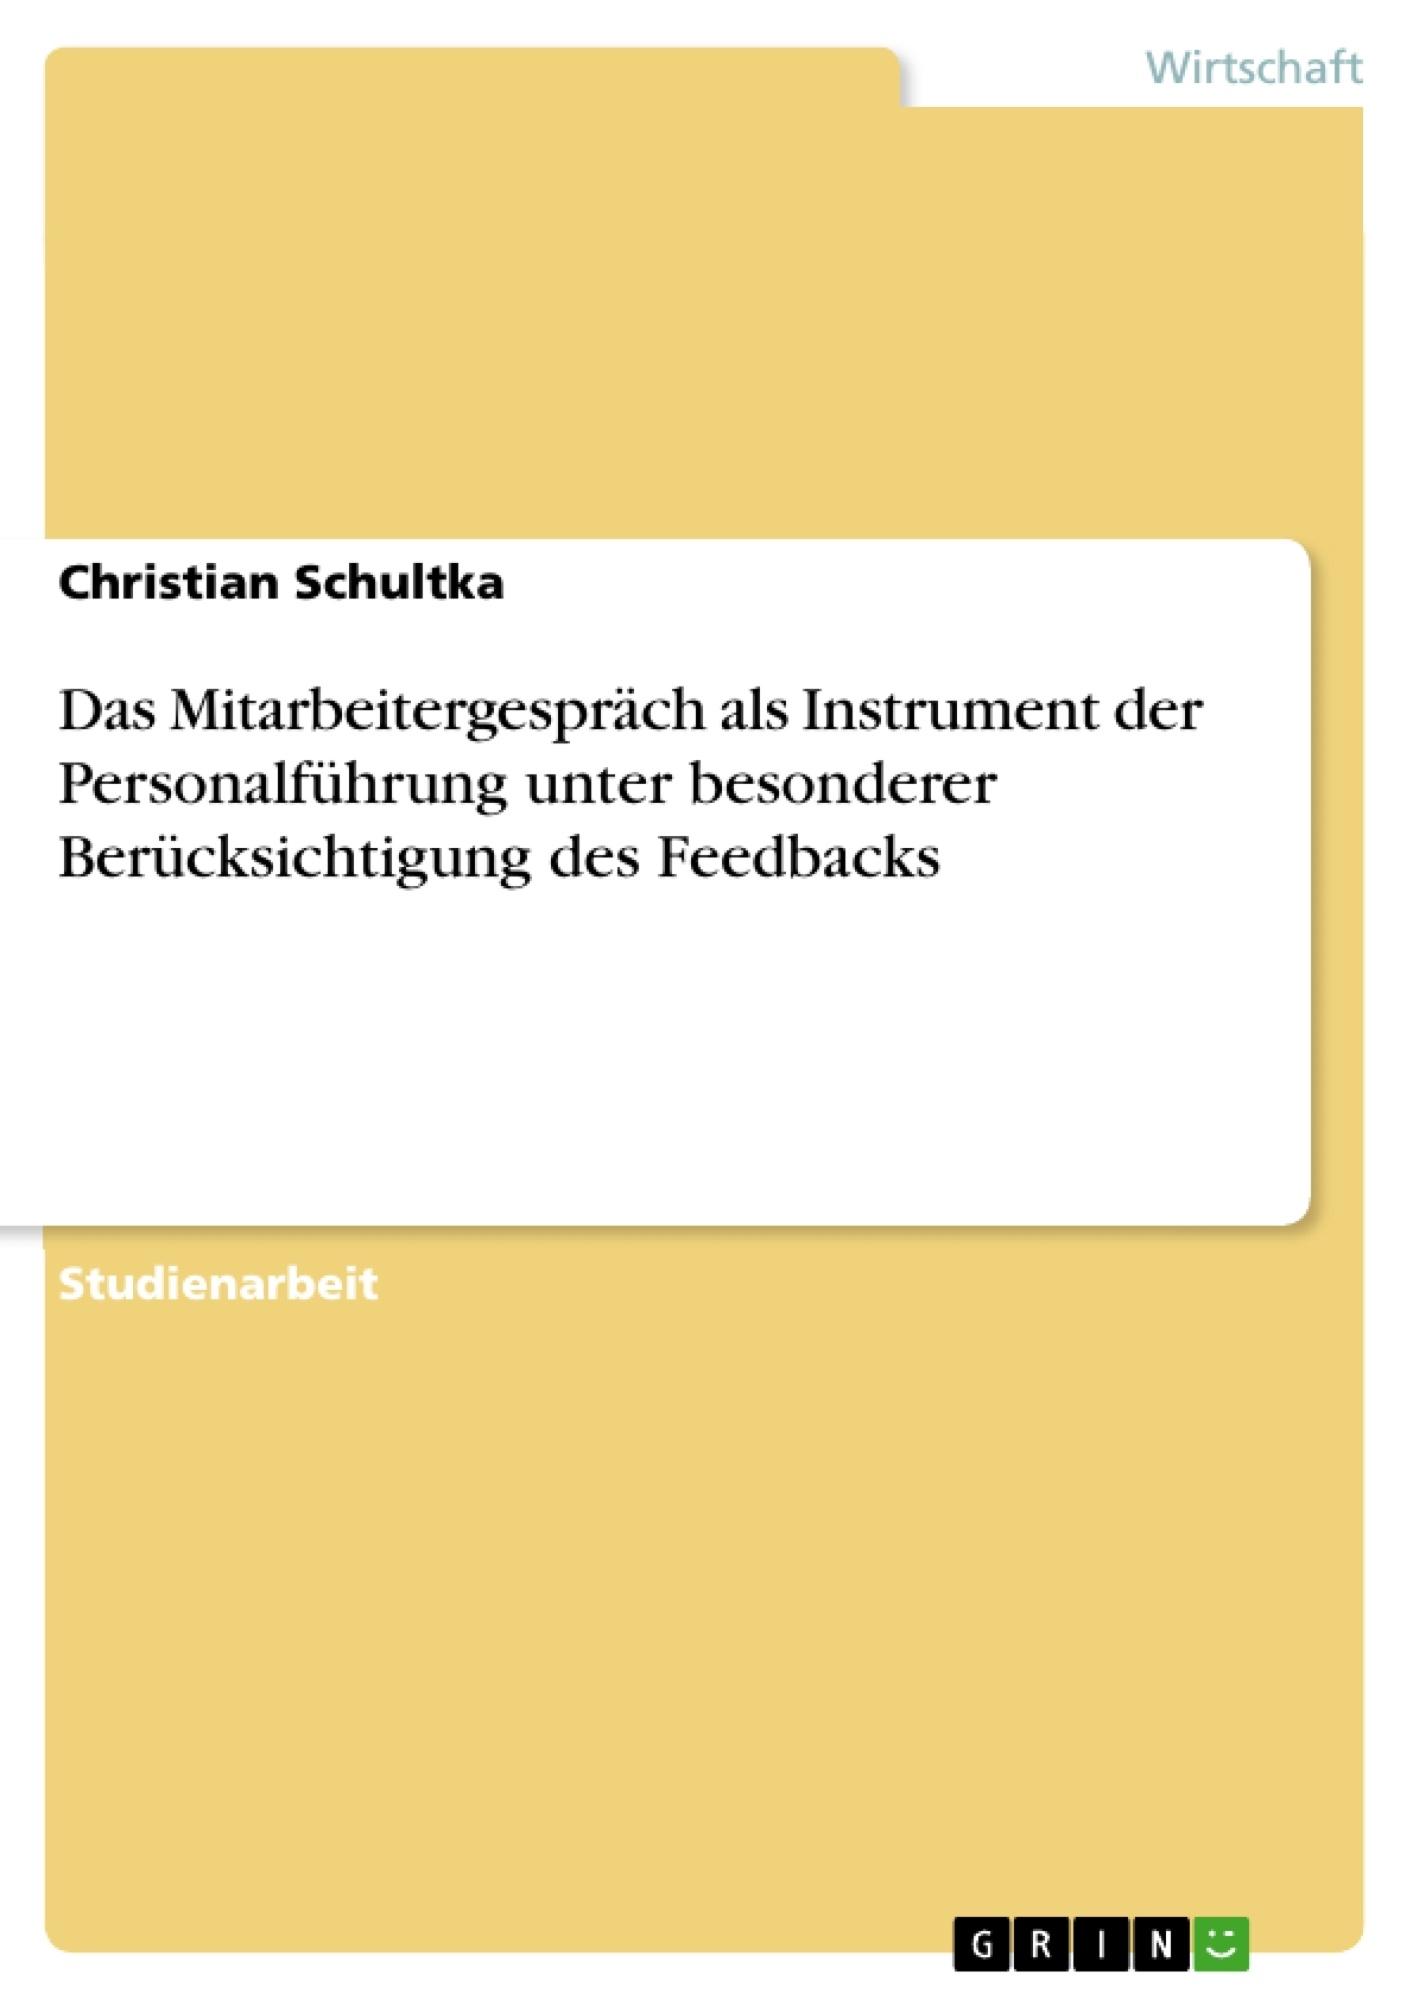 Titel: Das Mitarbeitergespräch als Instrument der Personalführung unter besonderer Berücksichtigung des Feedbacks